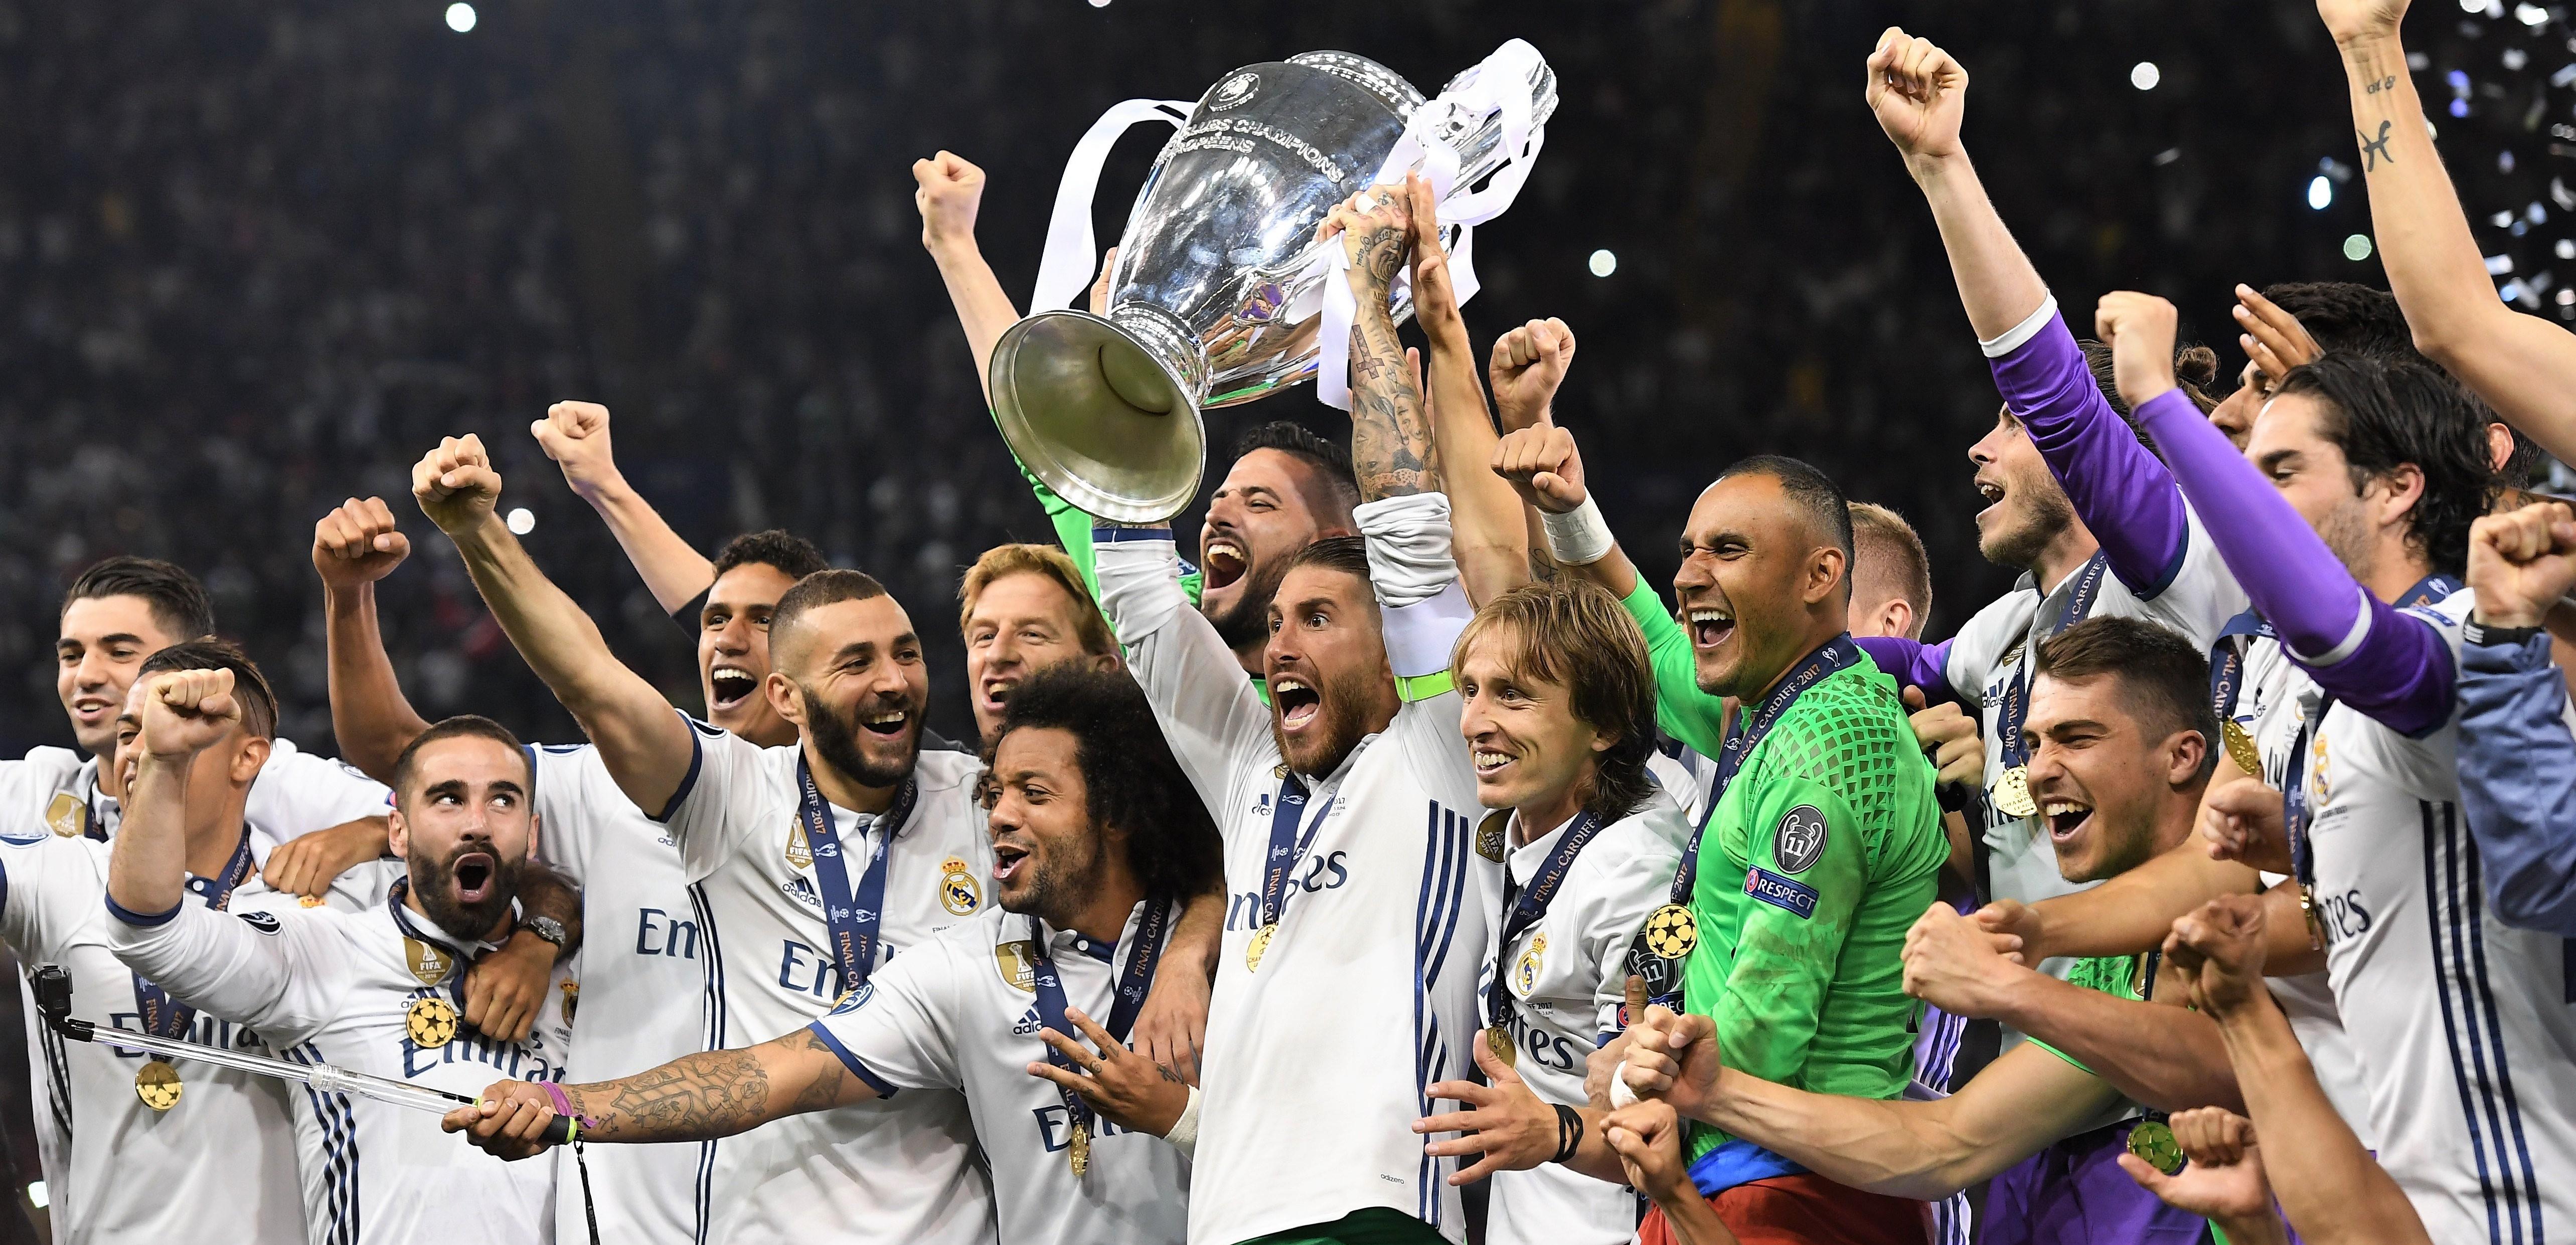 [Ligue des Champions] Le Real Madrid tutoie les étoiles